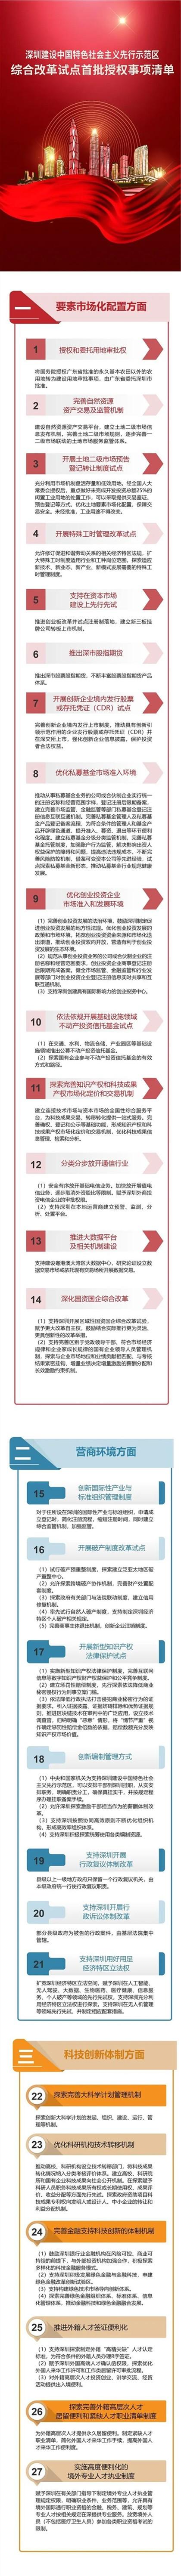 《【煜星平台网】六大类40条!深圳综合改革试点首批授权事项清单公布》